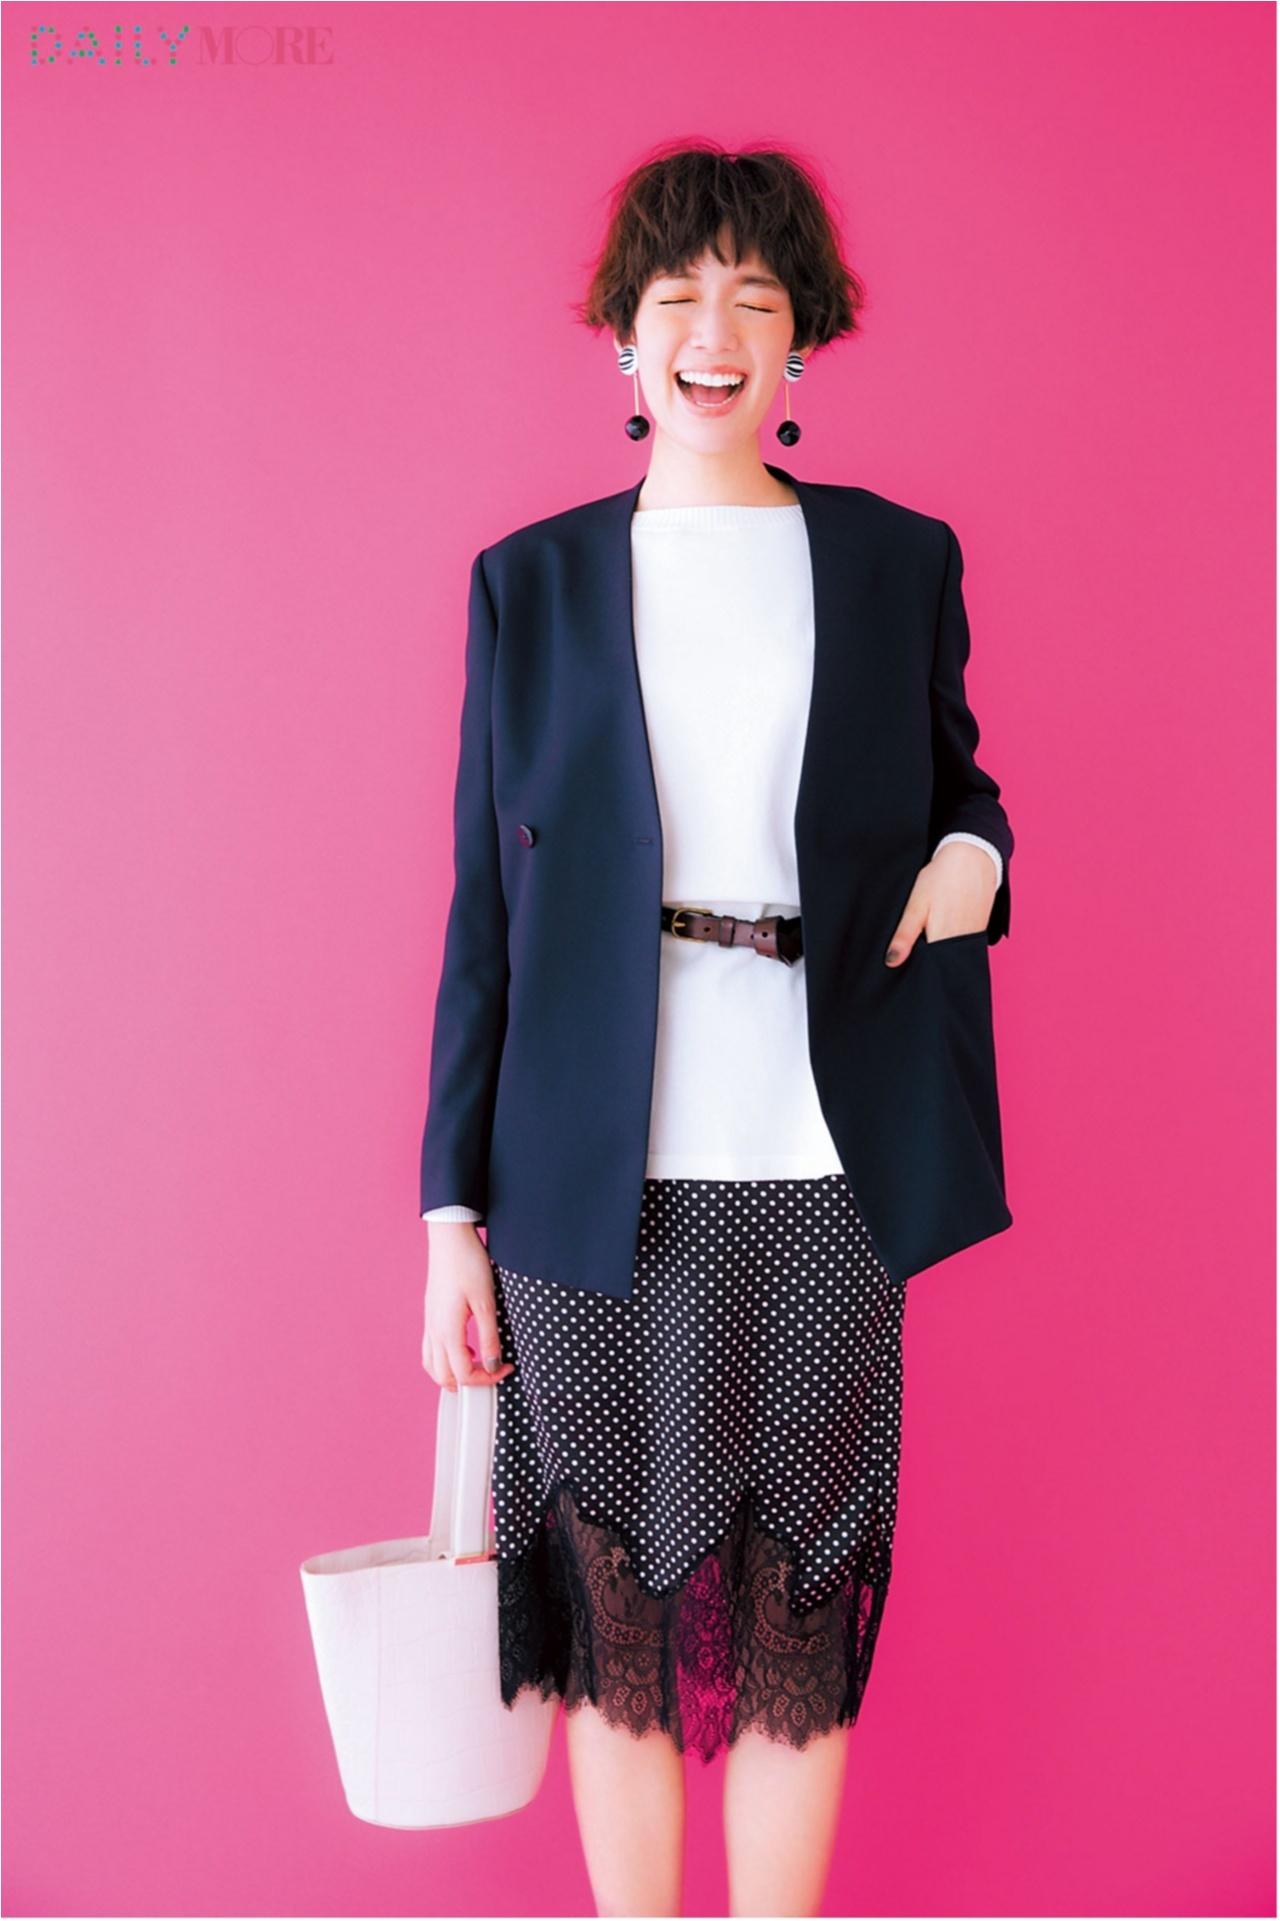 『ユニクロ』『テチチ』『ViS』のプレスが熱烈オススメするお仕事服! 今週の人気ランキングトップ3☆_3